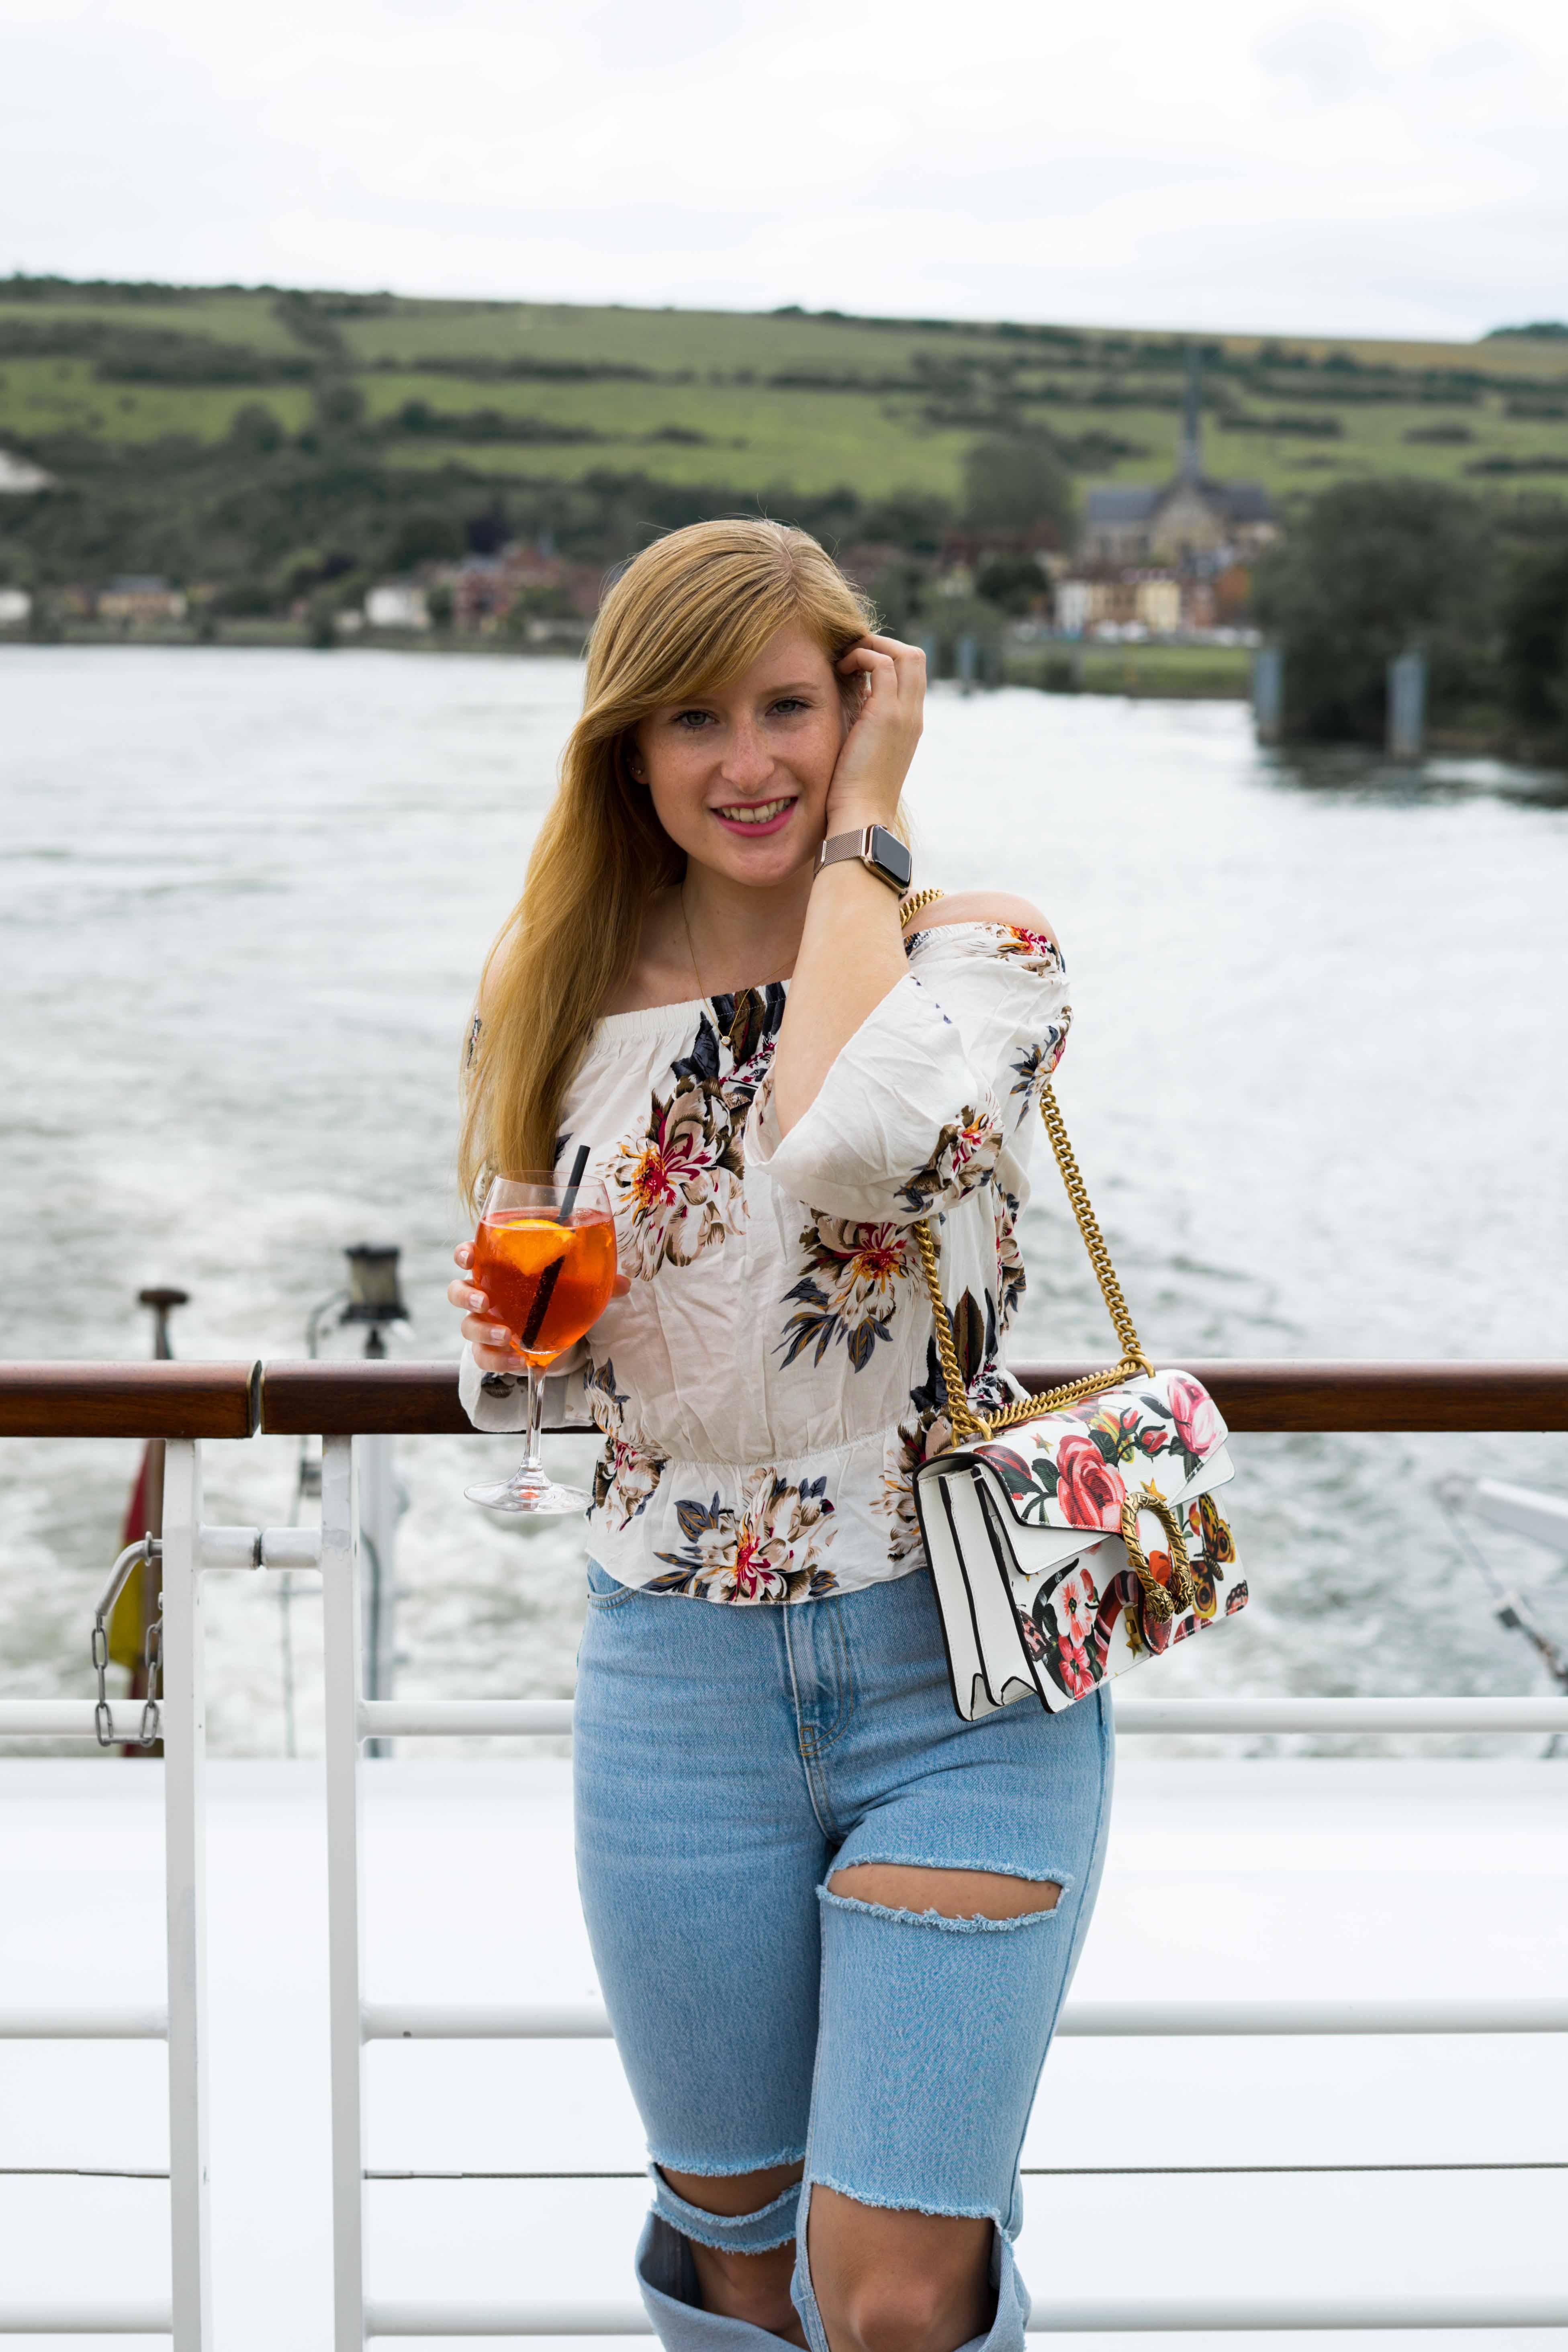 Two Ways to Style Ripped Jeans kombinieren Offshoulder Shirt Blumenprint bauchfrei Gucci Dionysus Garden Print Tasche Look Modeblog Modeblogger 6